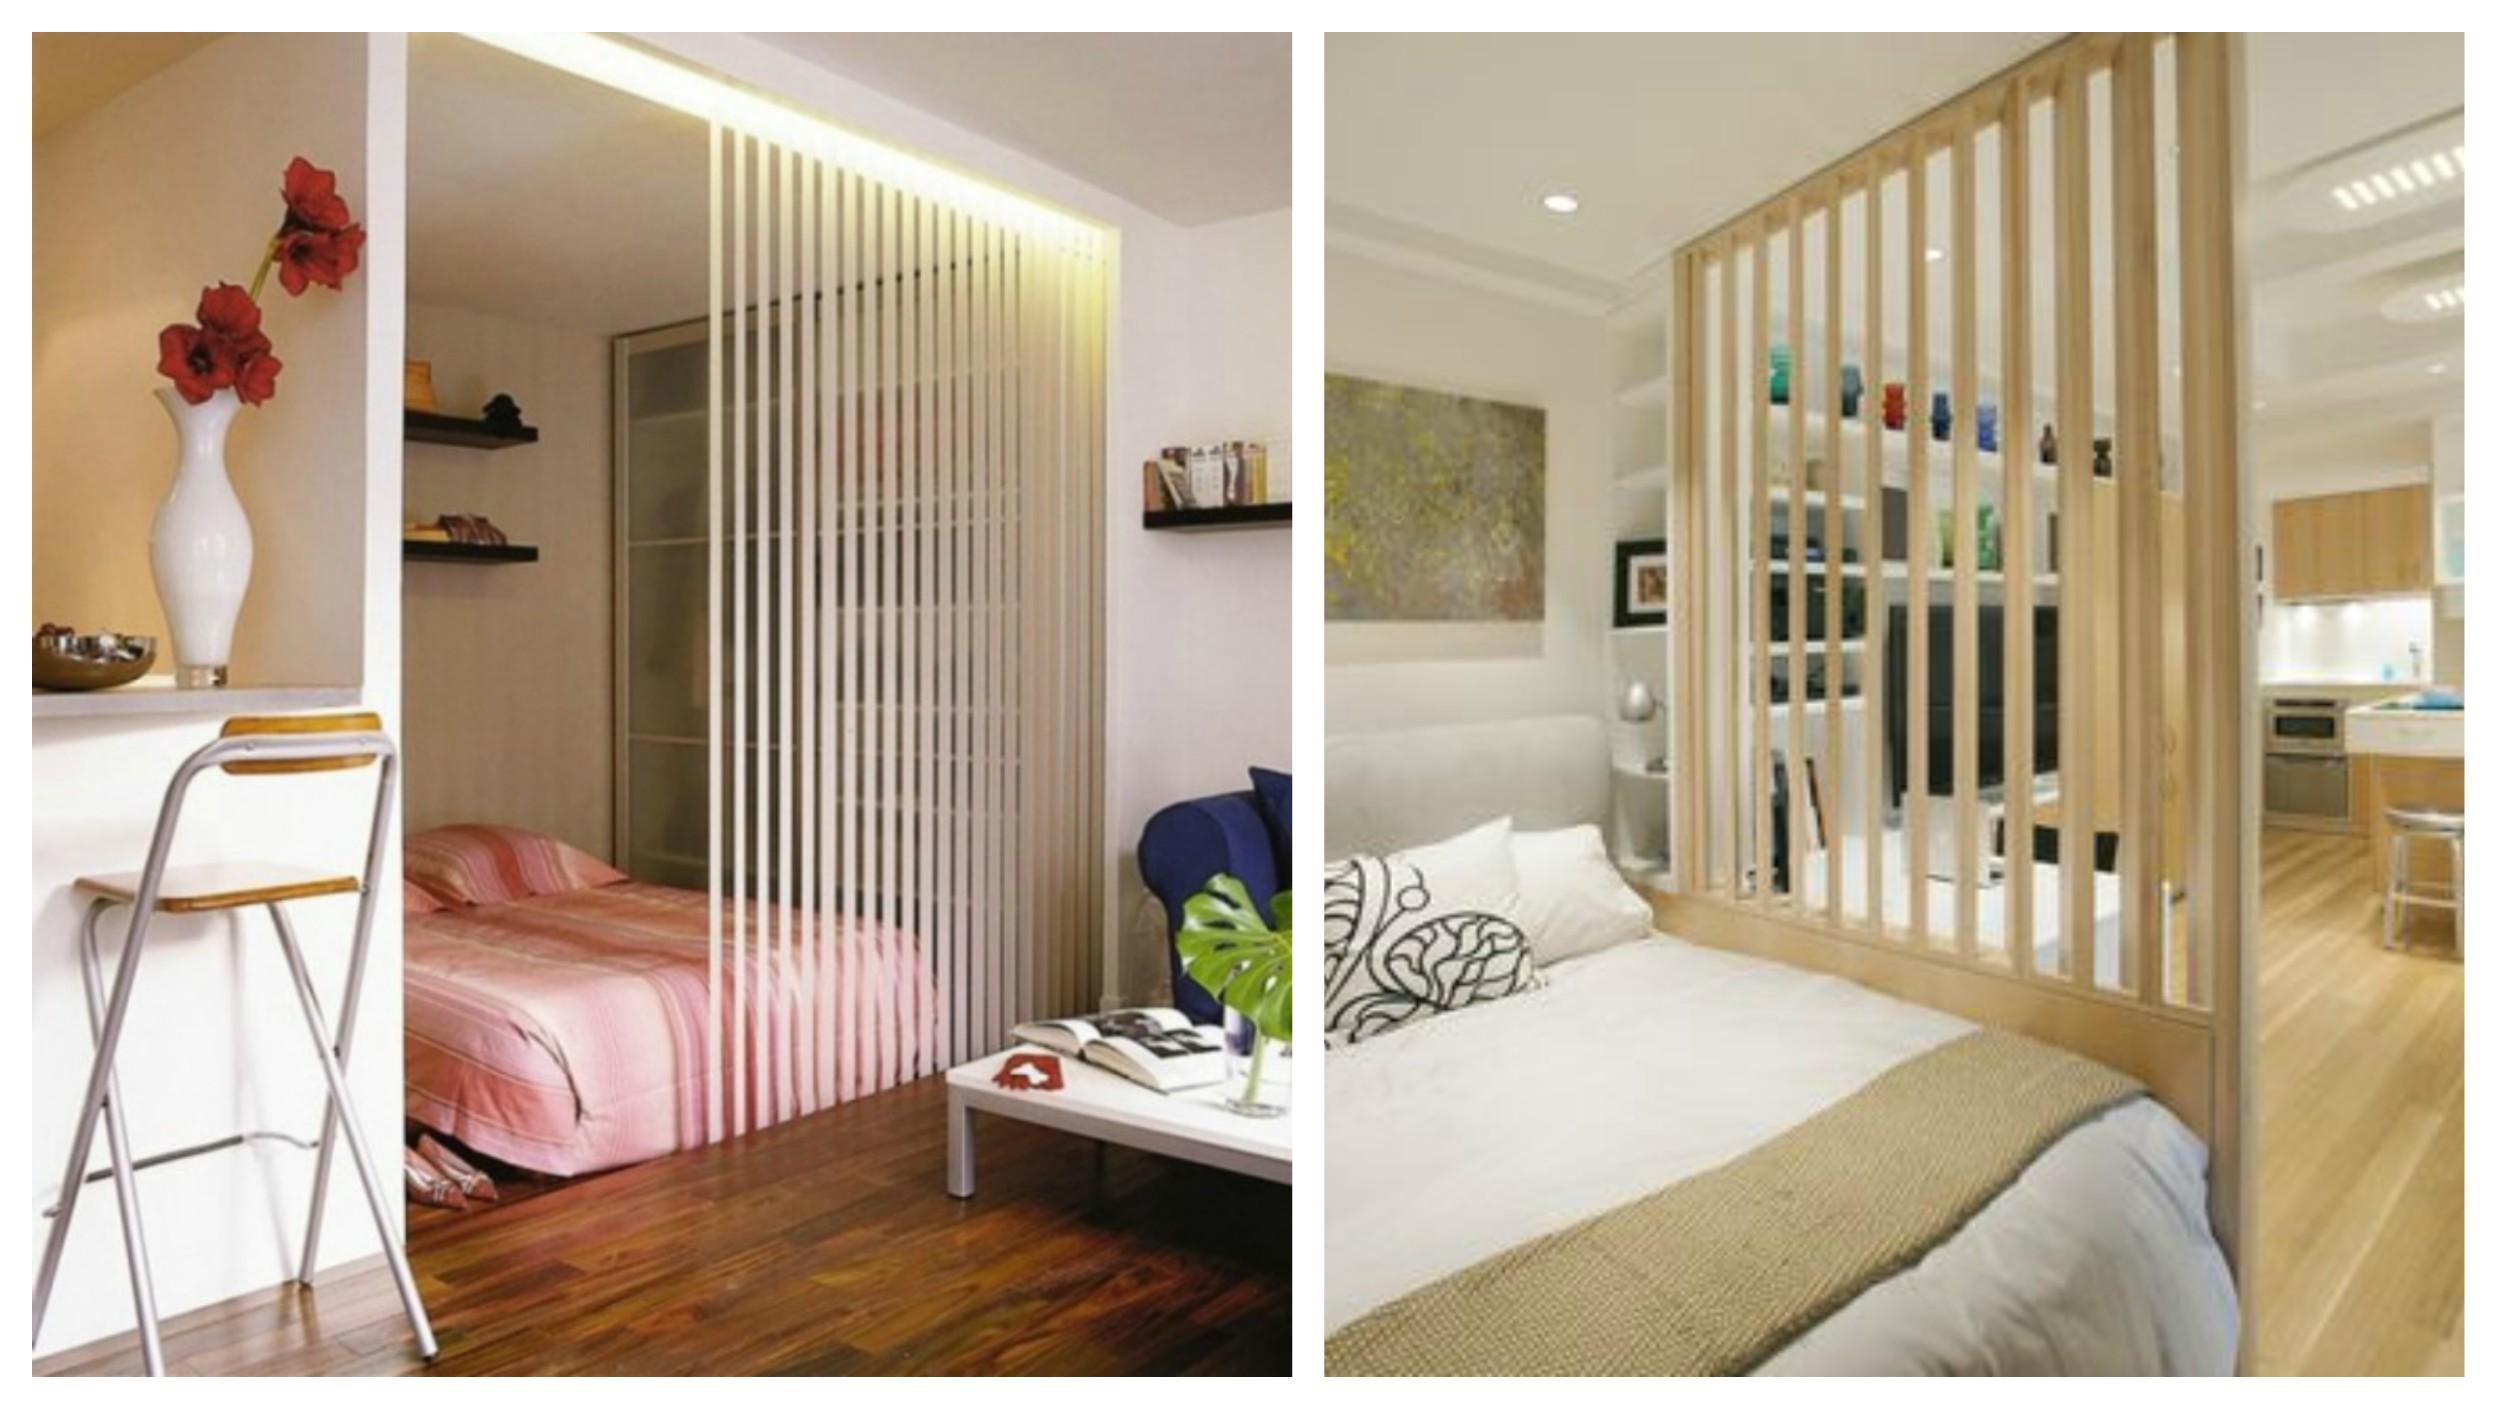 Как да отделим спалня в малък апартамент_13